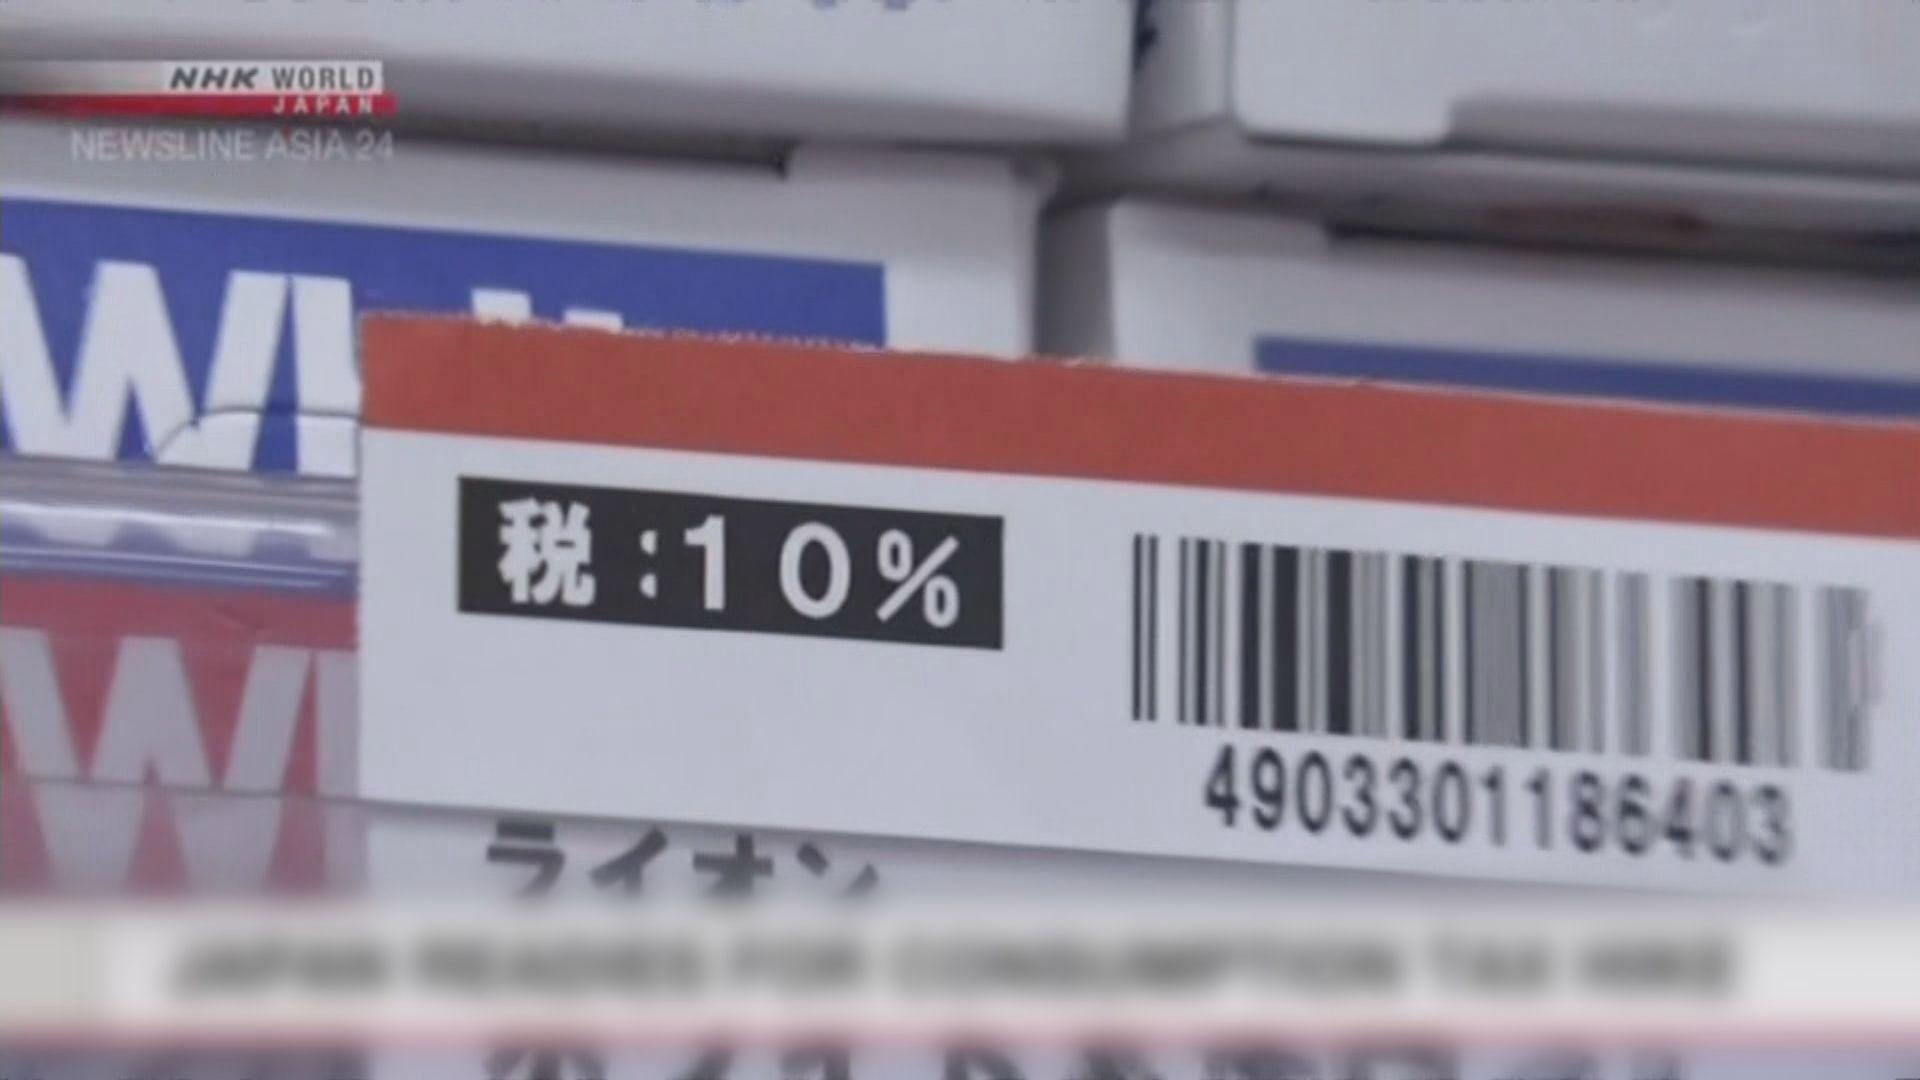 【即日焦點】六月至今約30名航空業員工遭解僱 工會指大部分是國泰或港龍員工;日本明起增消費稅 雪櫃洗衣機成搶手貨